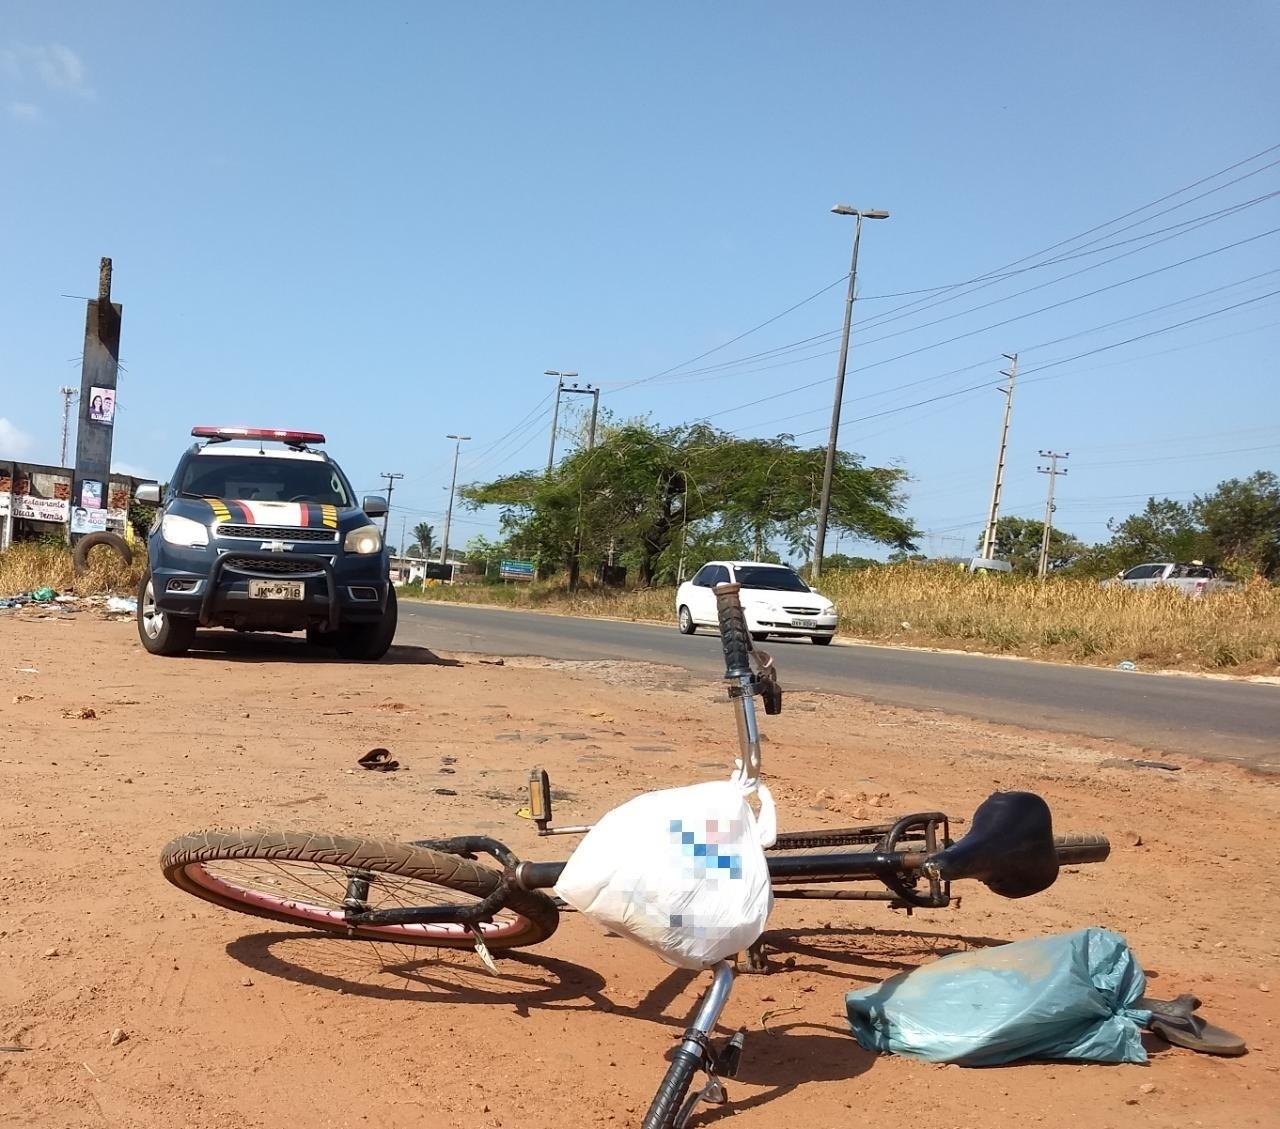 Ciclista morre atropelado por carreta em acostamento da BR-135, no Maranhão - Radio Evangelho Gospel